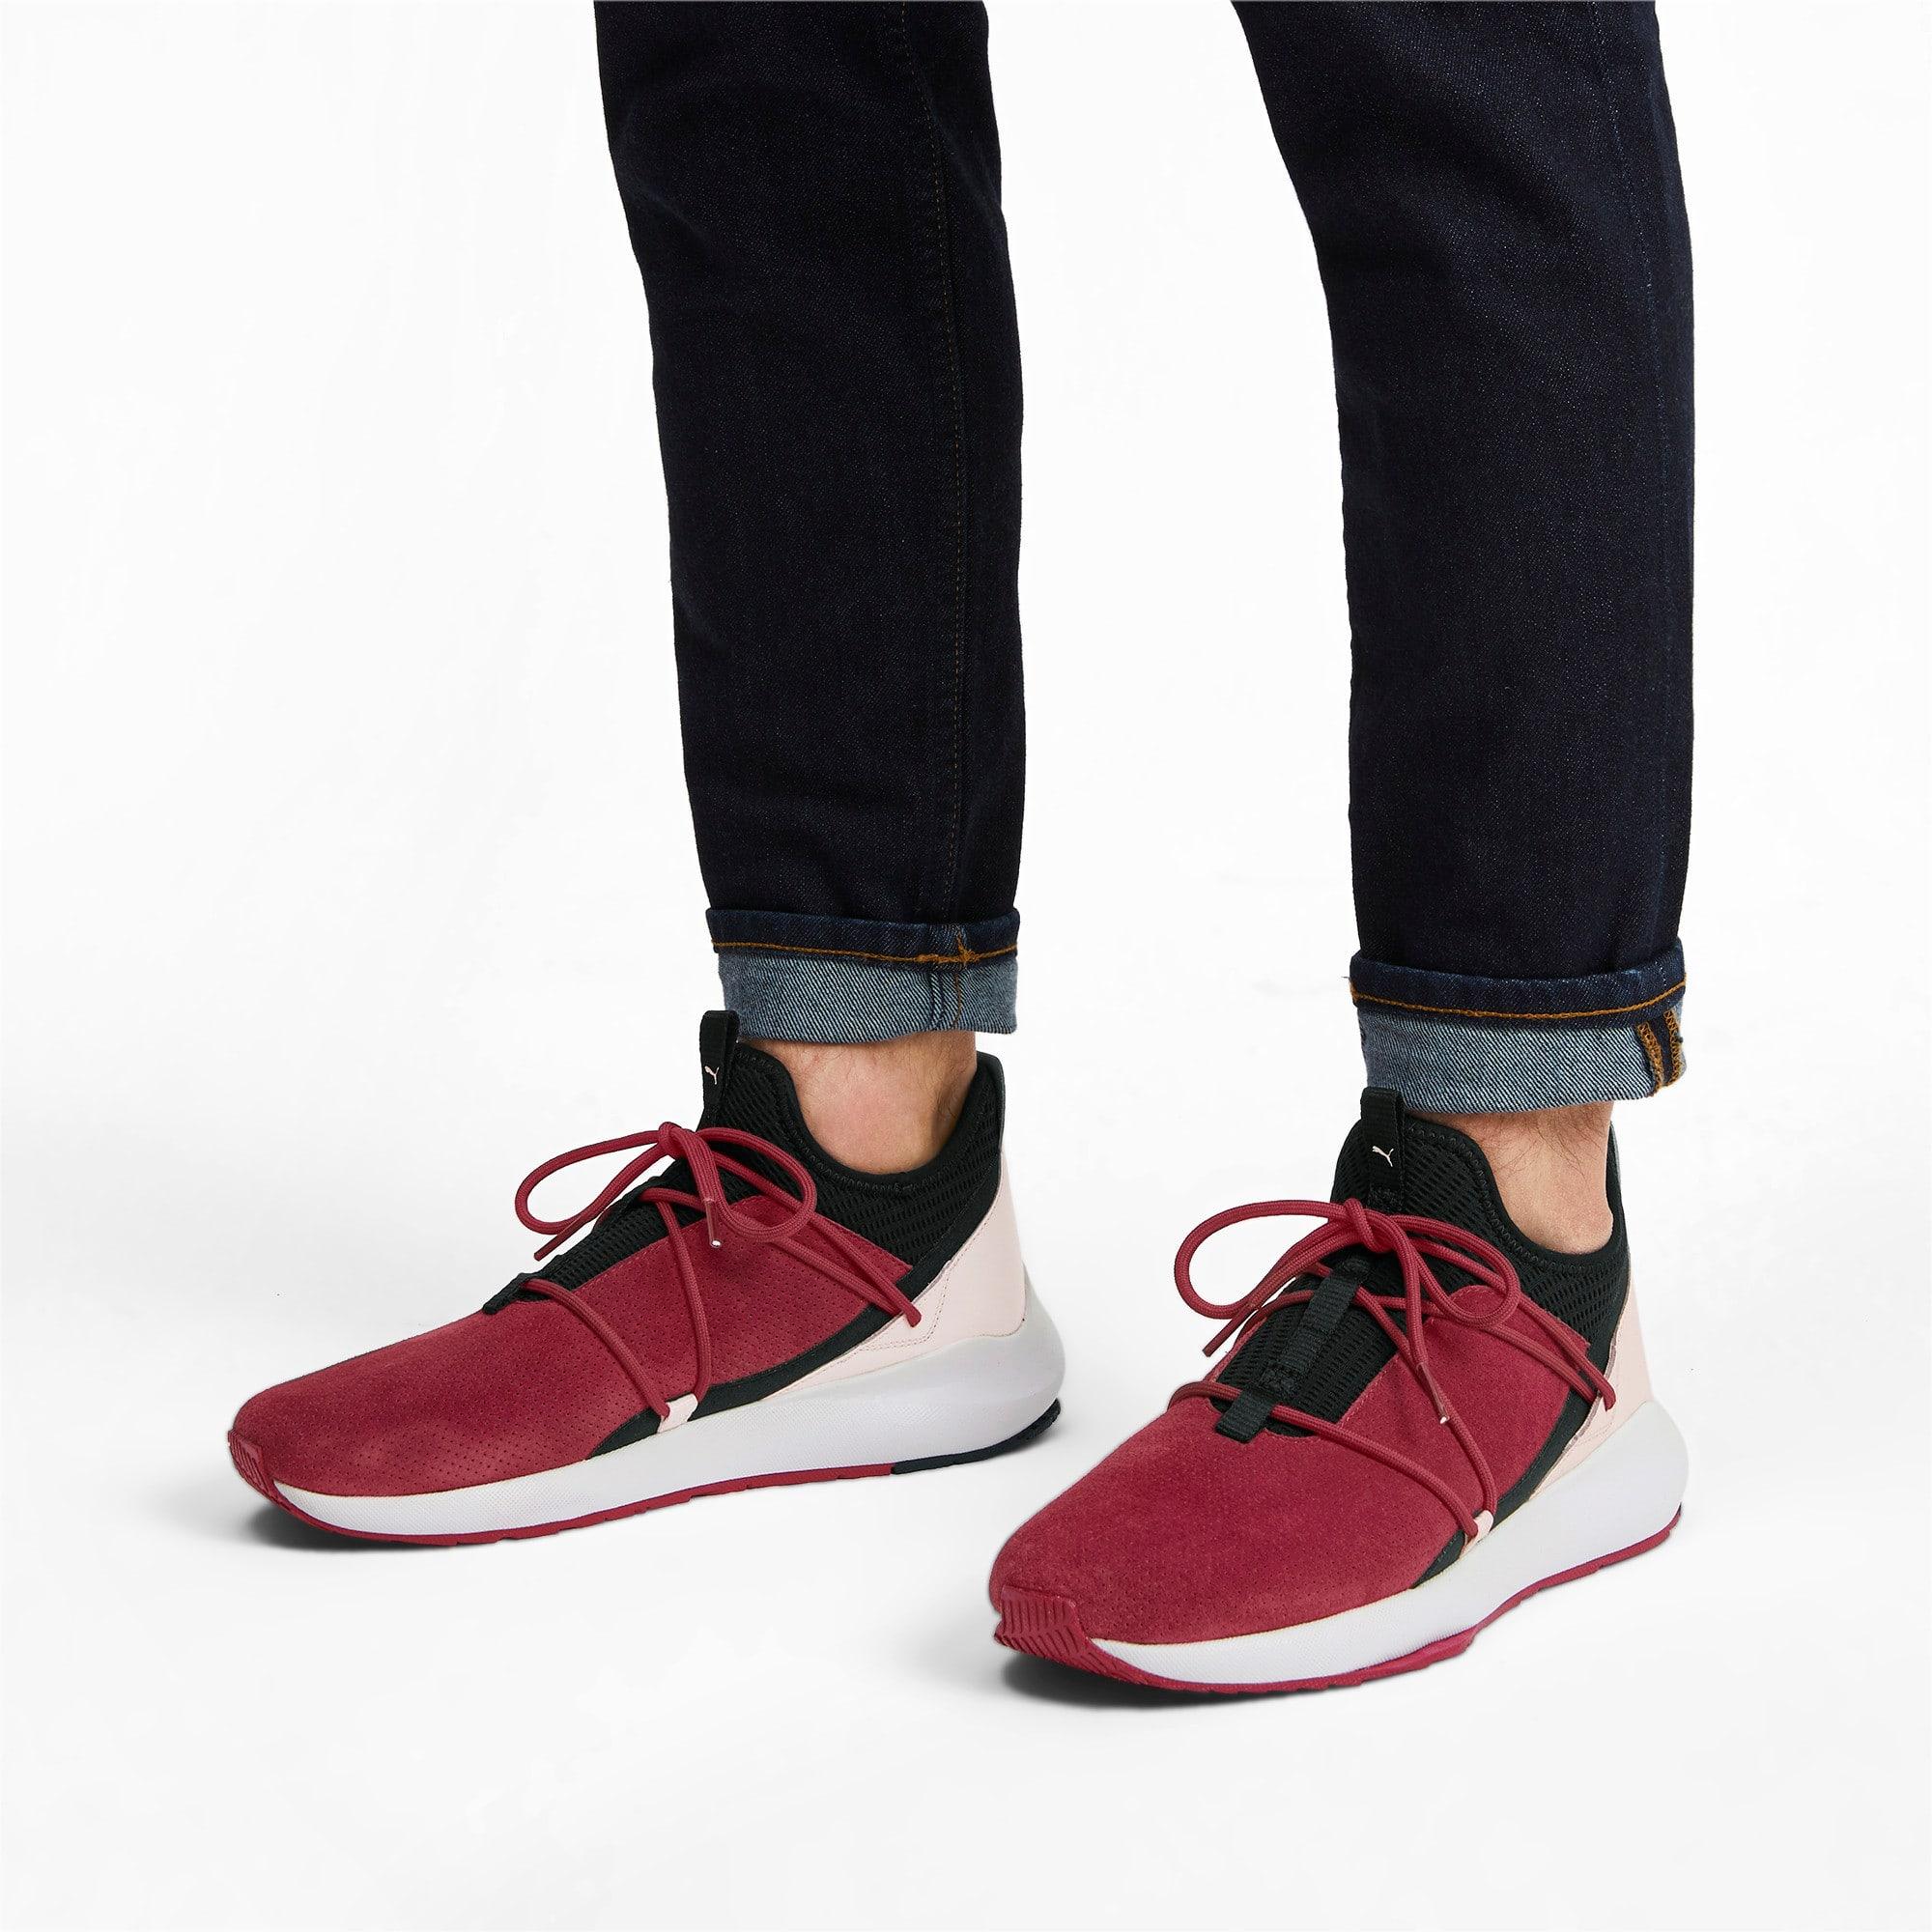 Miniatura 2 de Zapatos de entrenamiento de gamuzaScuderiaFerrariEvo Cat II, Rhubarb-Blk-PastelParchment, mediano